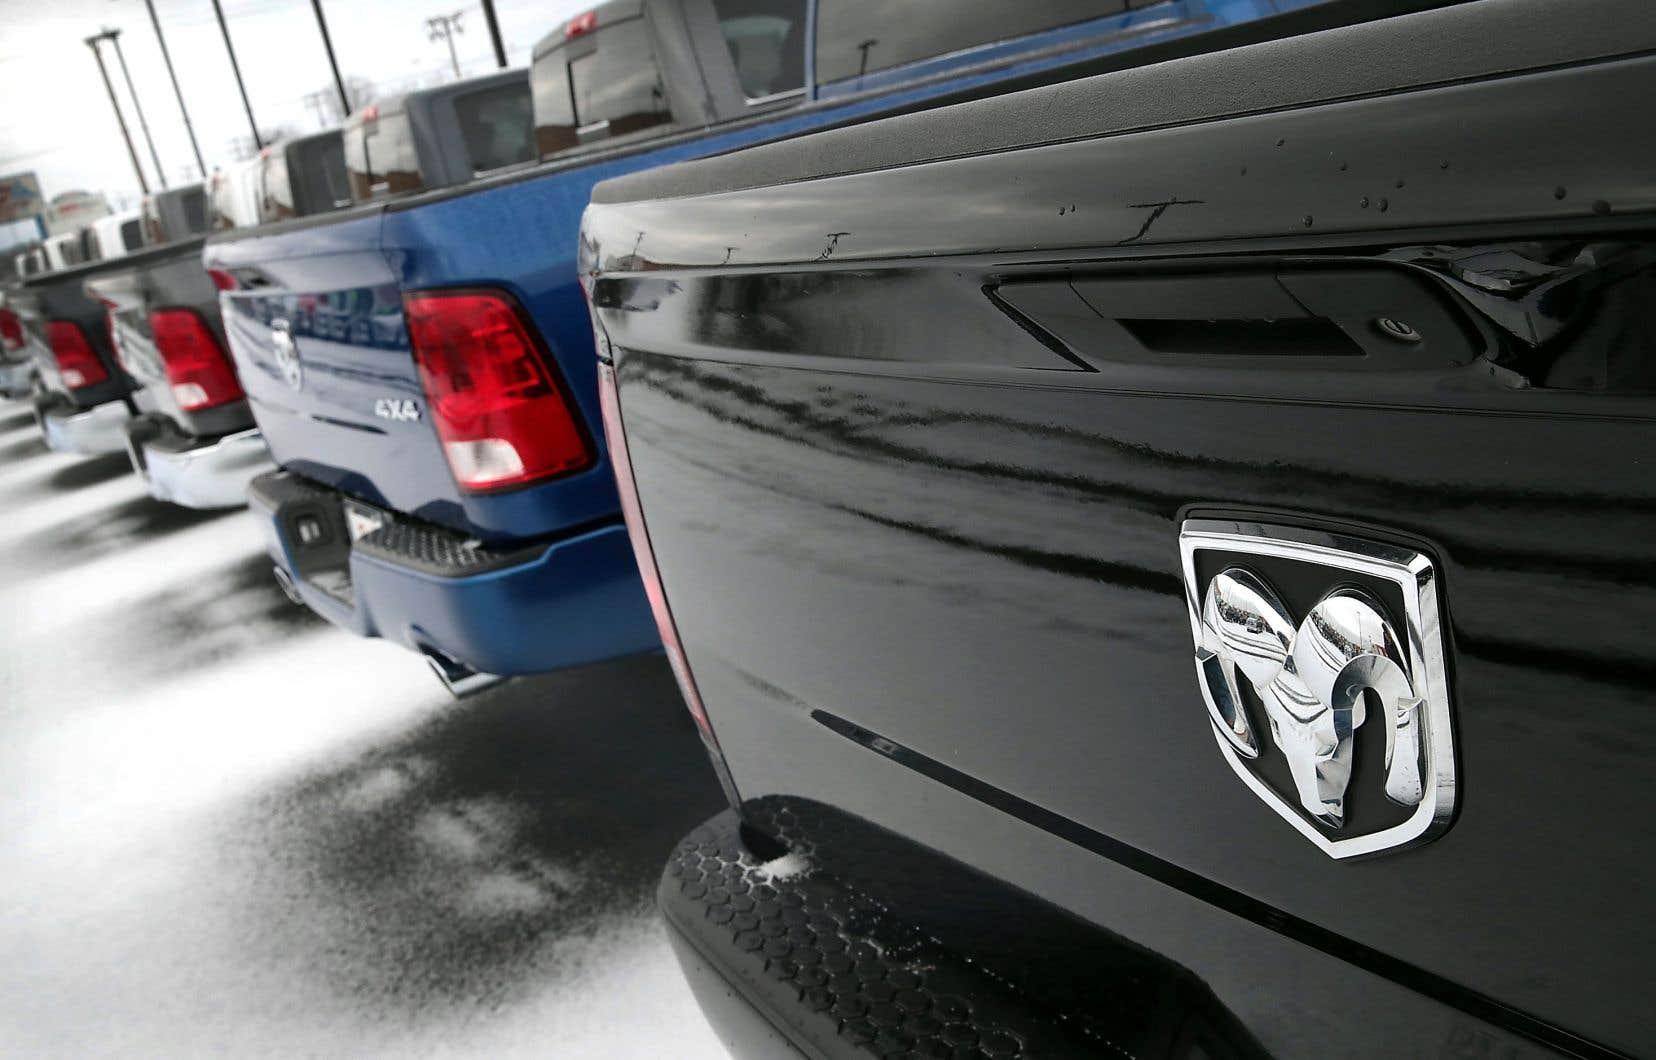 Les consommateurs se détournent des petites voitures au profit des crossovers et des pickups, selon Dave Sullivan, expert chez AutoPacific.com.